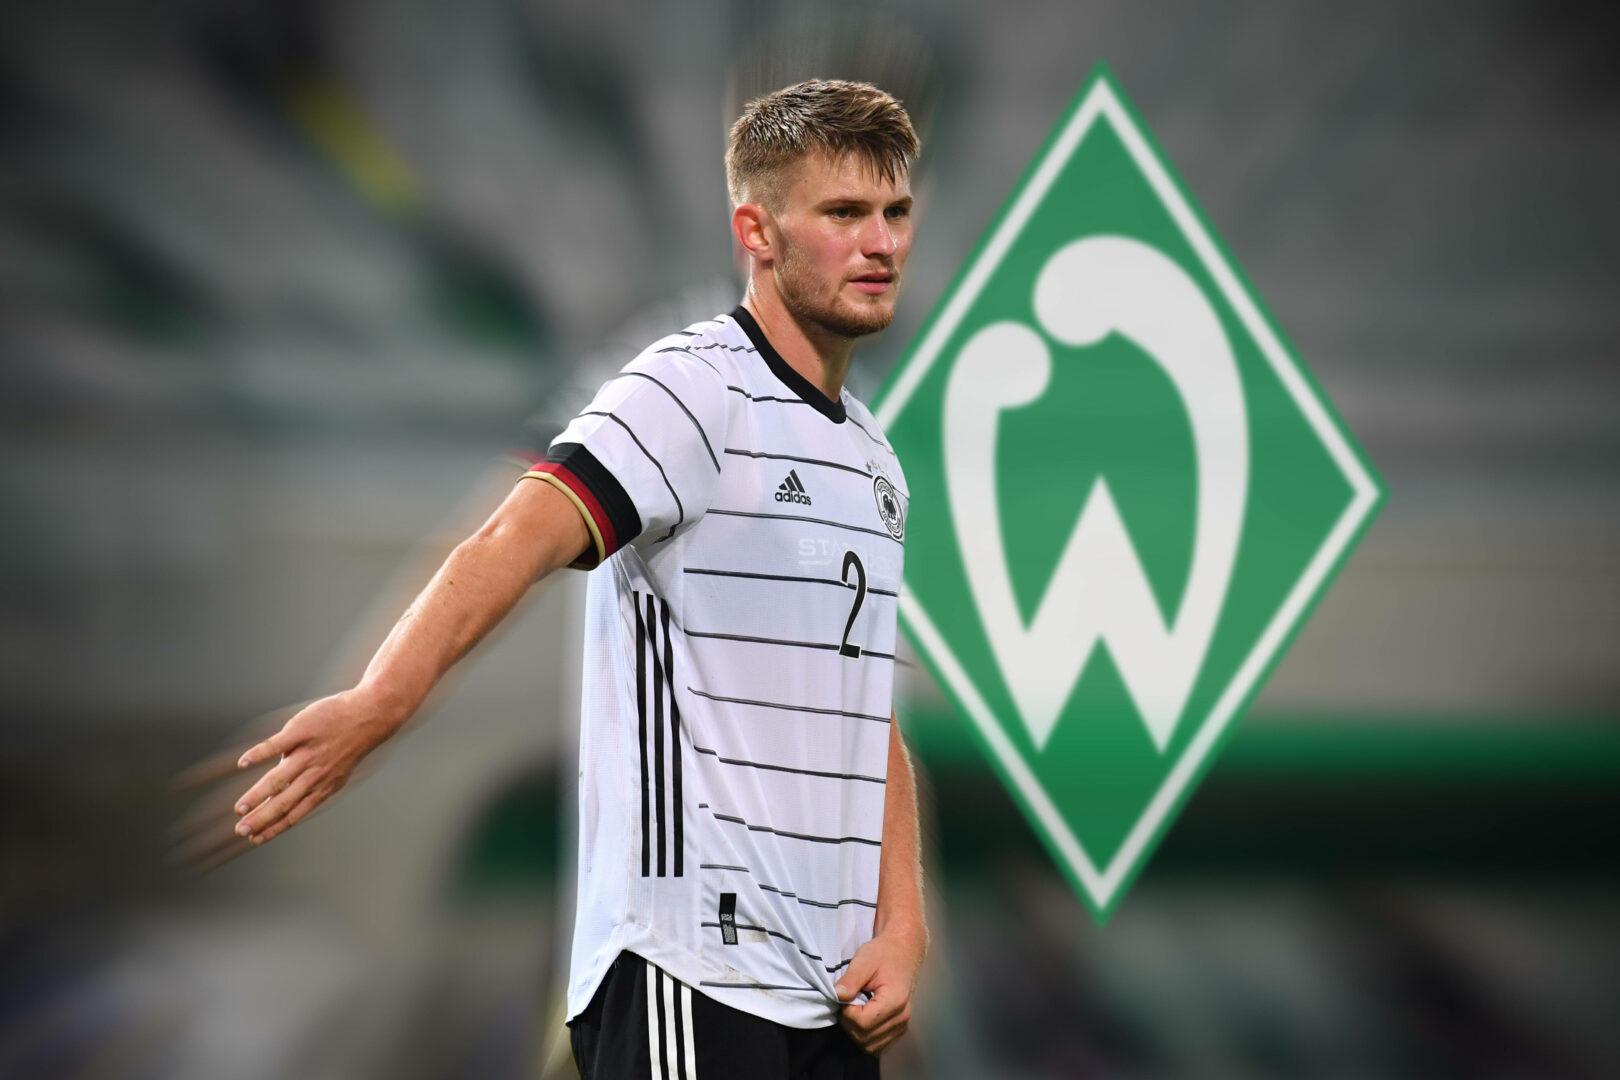 Bestätigt: Werder Bremen einigt sich mit FC Bayern auf Leihe von Lars Lukas Mai